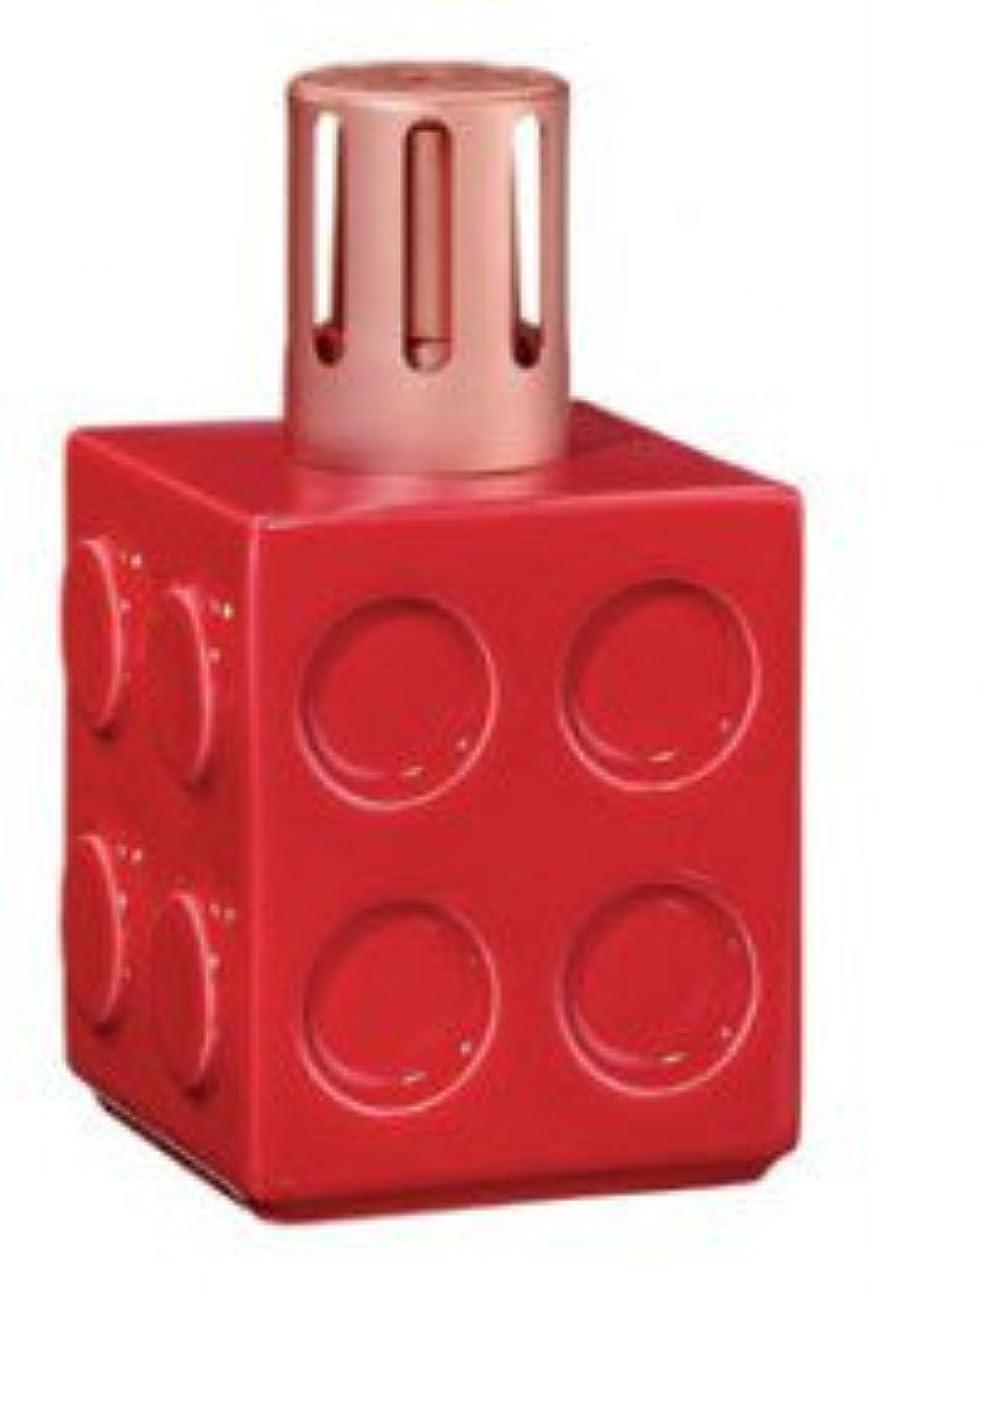 なすロイヤリティバウンドランプベルジェ?ランプ Play Berger Red